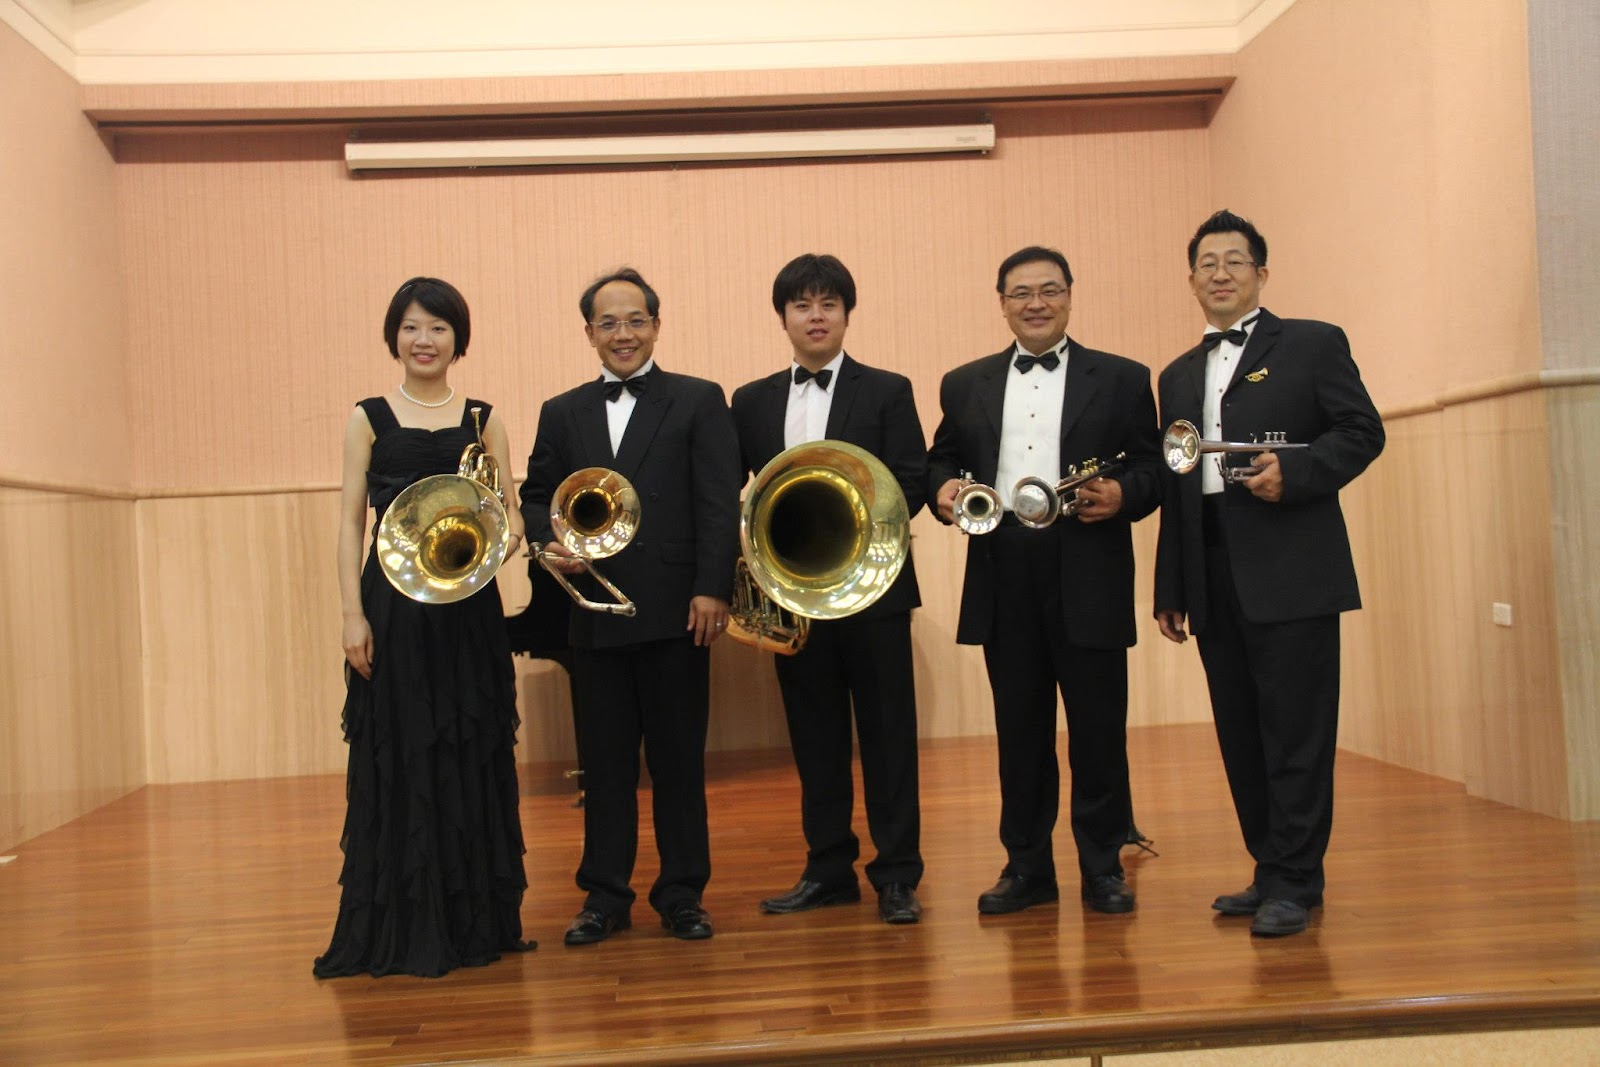 師輩秀銅管樂團Special Brass Quintet: 林建生圖書館演出101.09.02